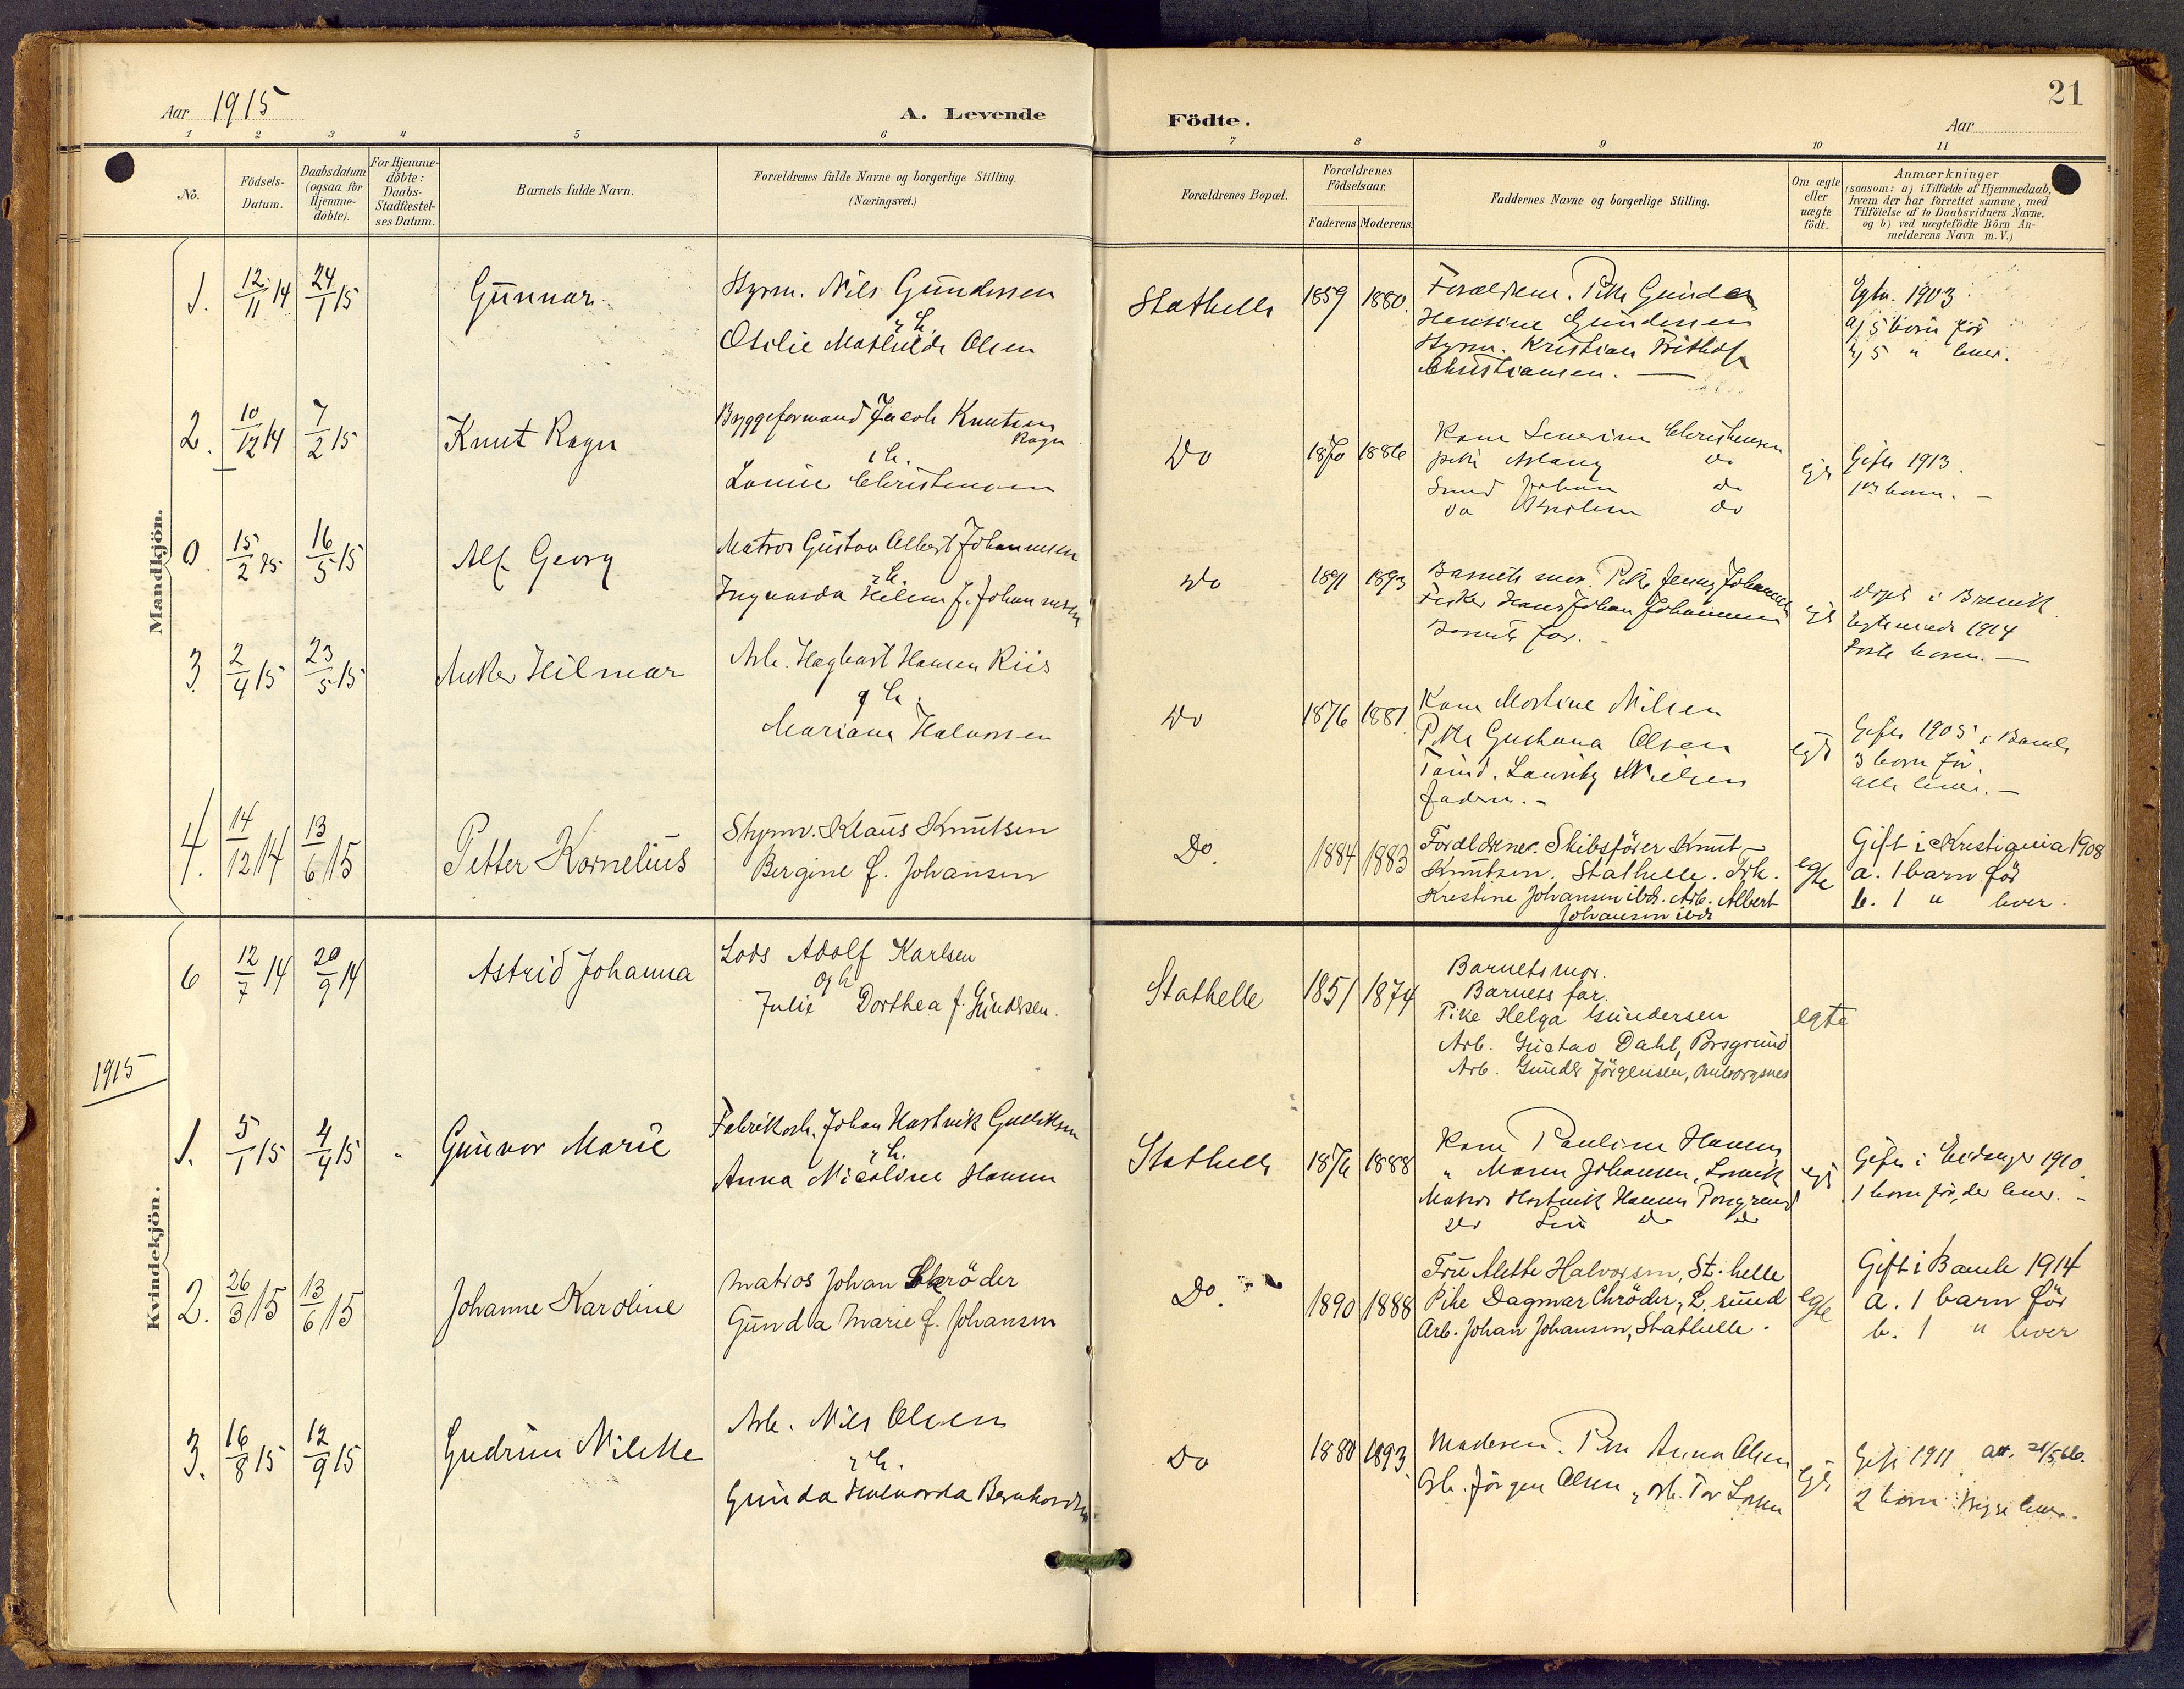 SAKO, Bamble kirkebøker, F/Fb/L0002: Ministerialbok nr. II 2, 1900-1921, s. 21